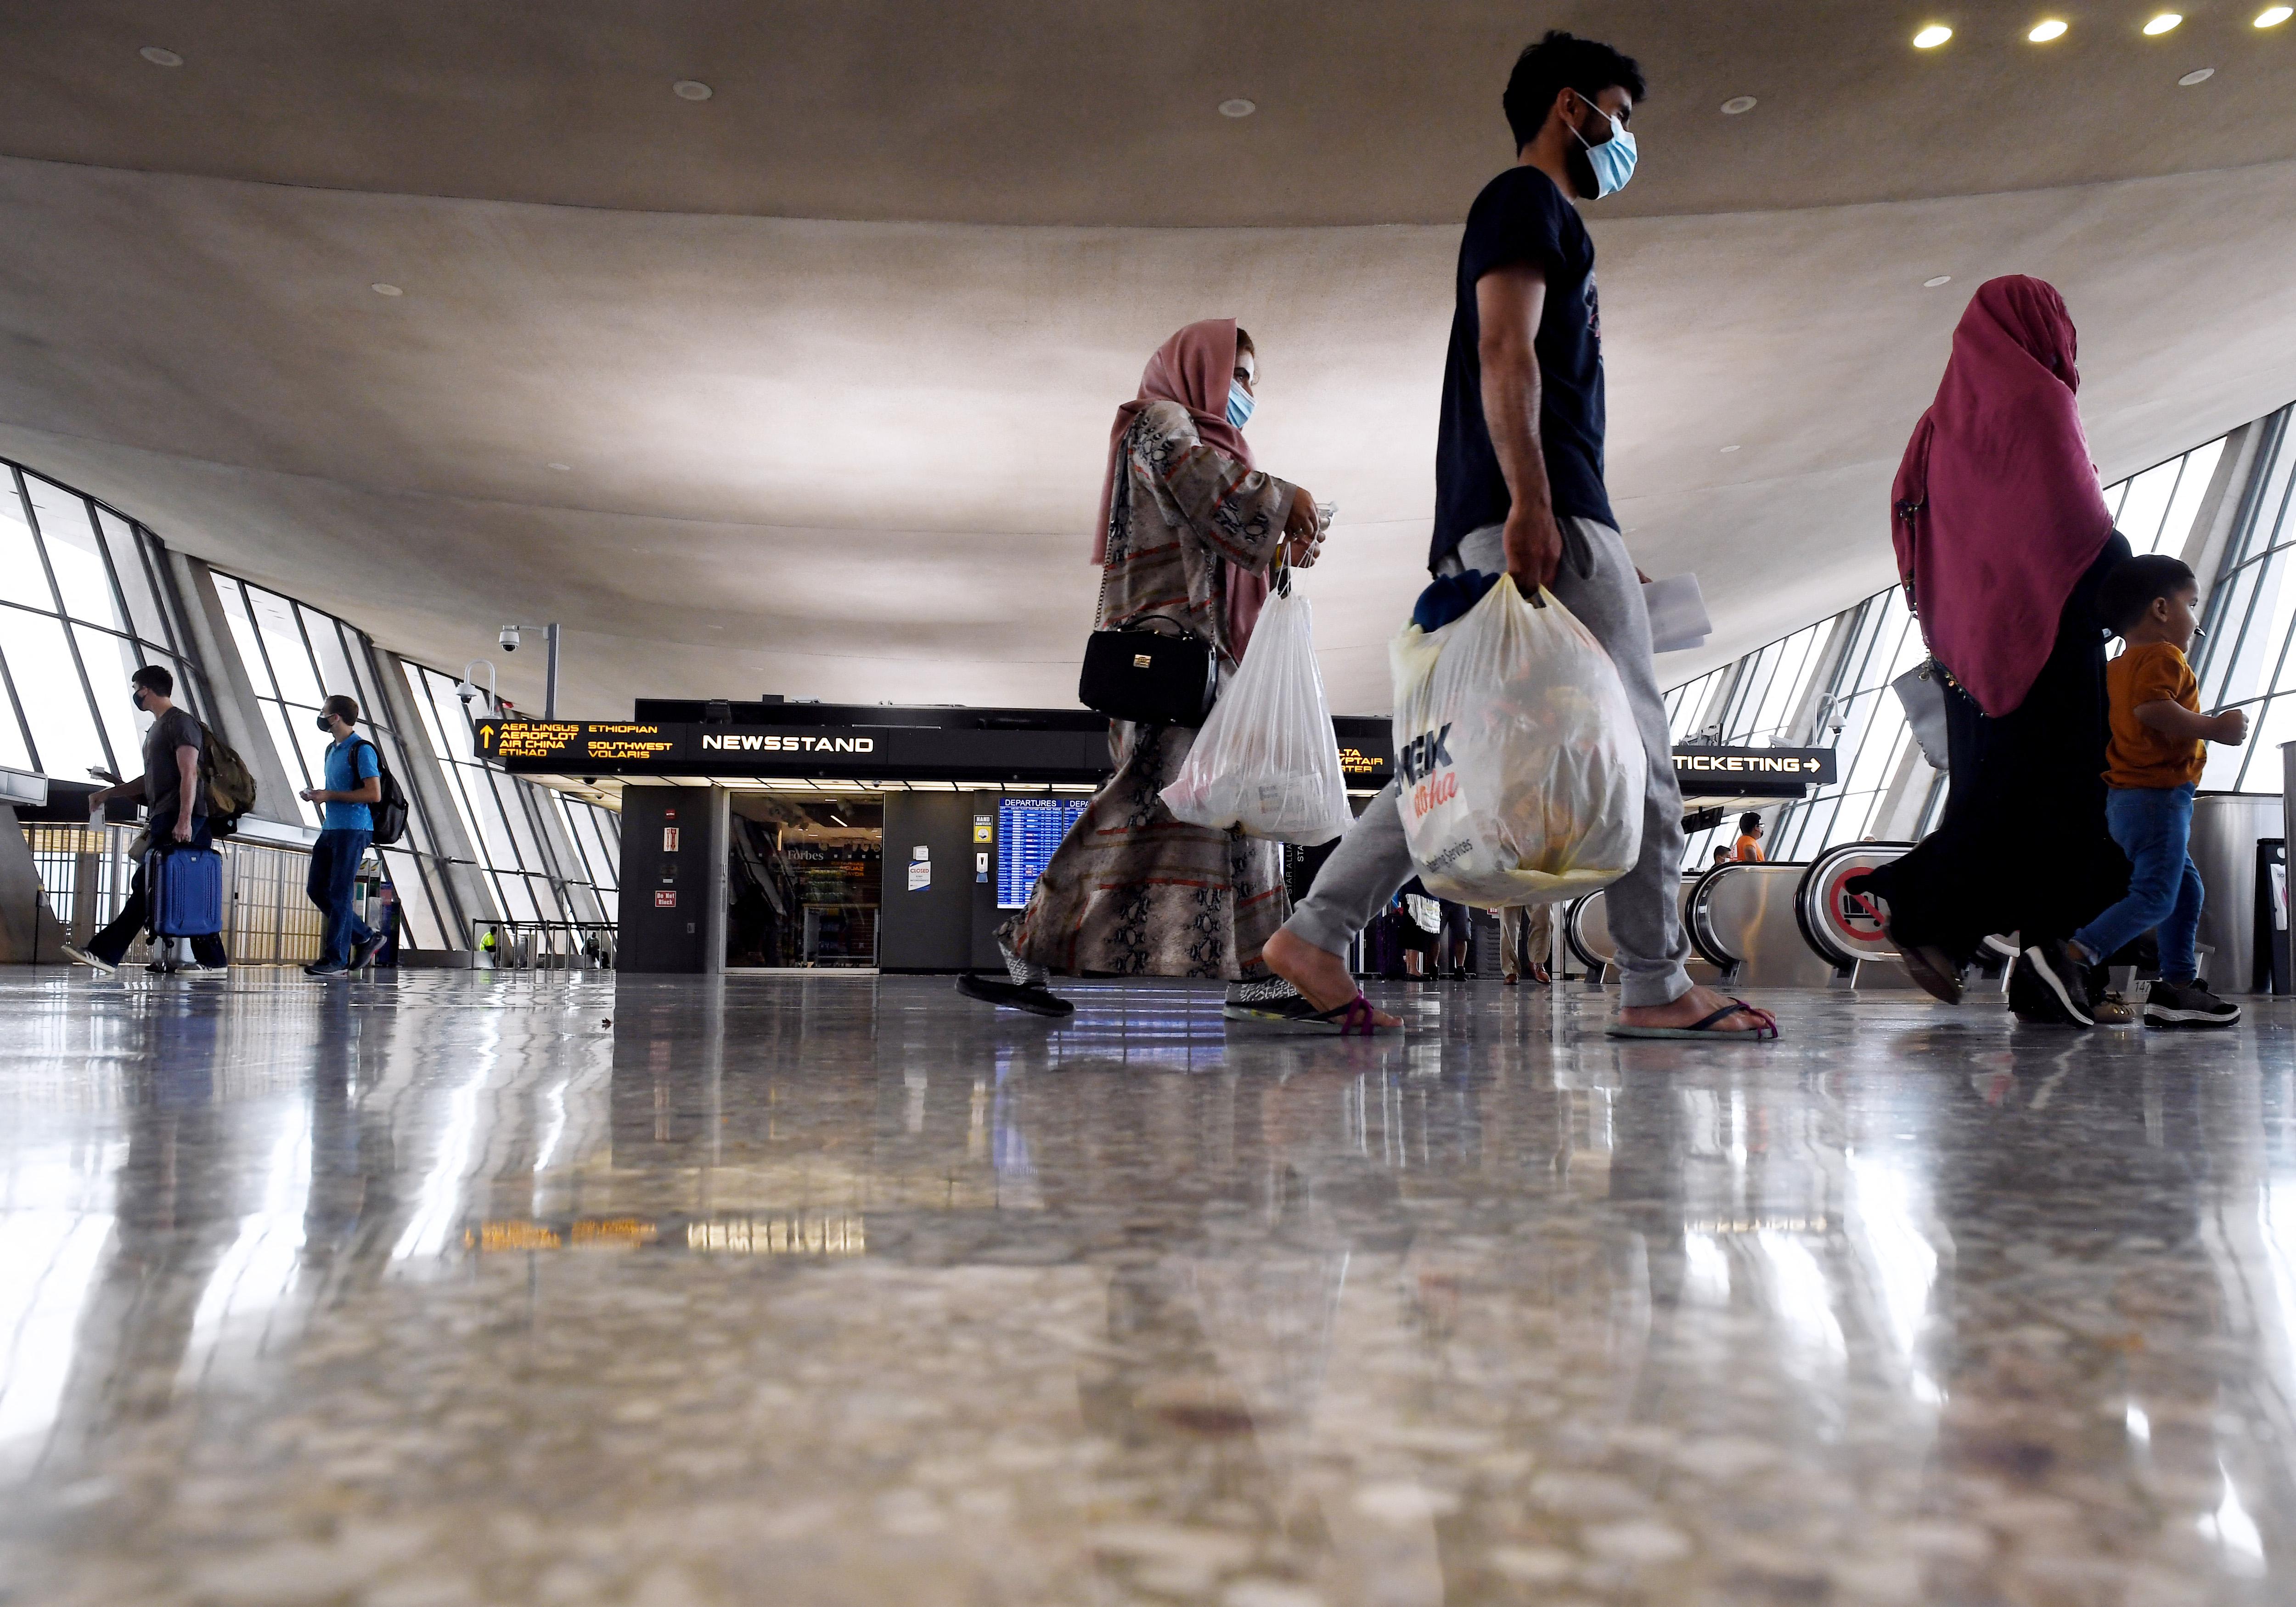 الولايات المتحدة تعلن خطة لرفع عدد اللاجئين في العام المقبل